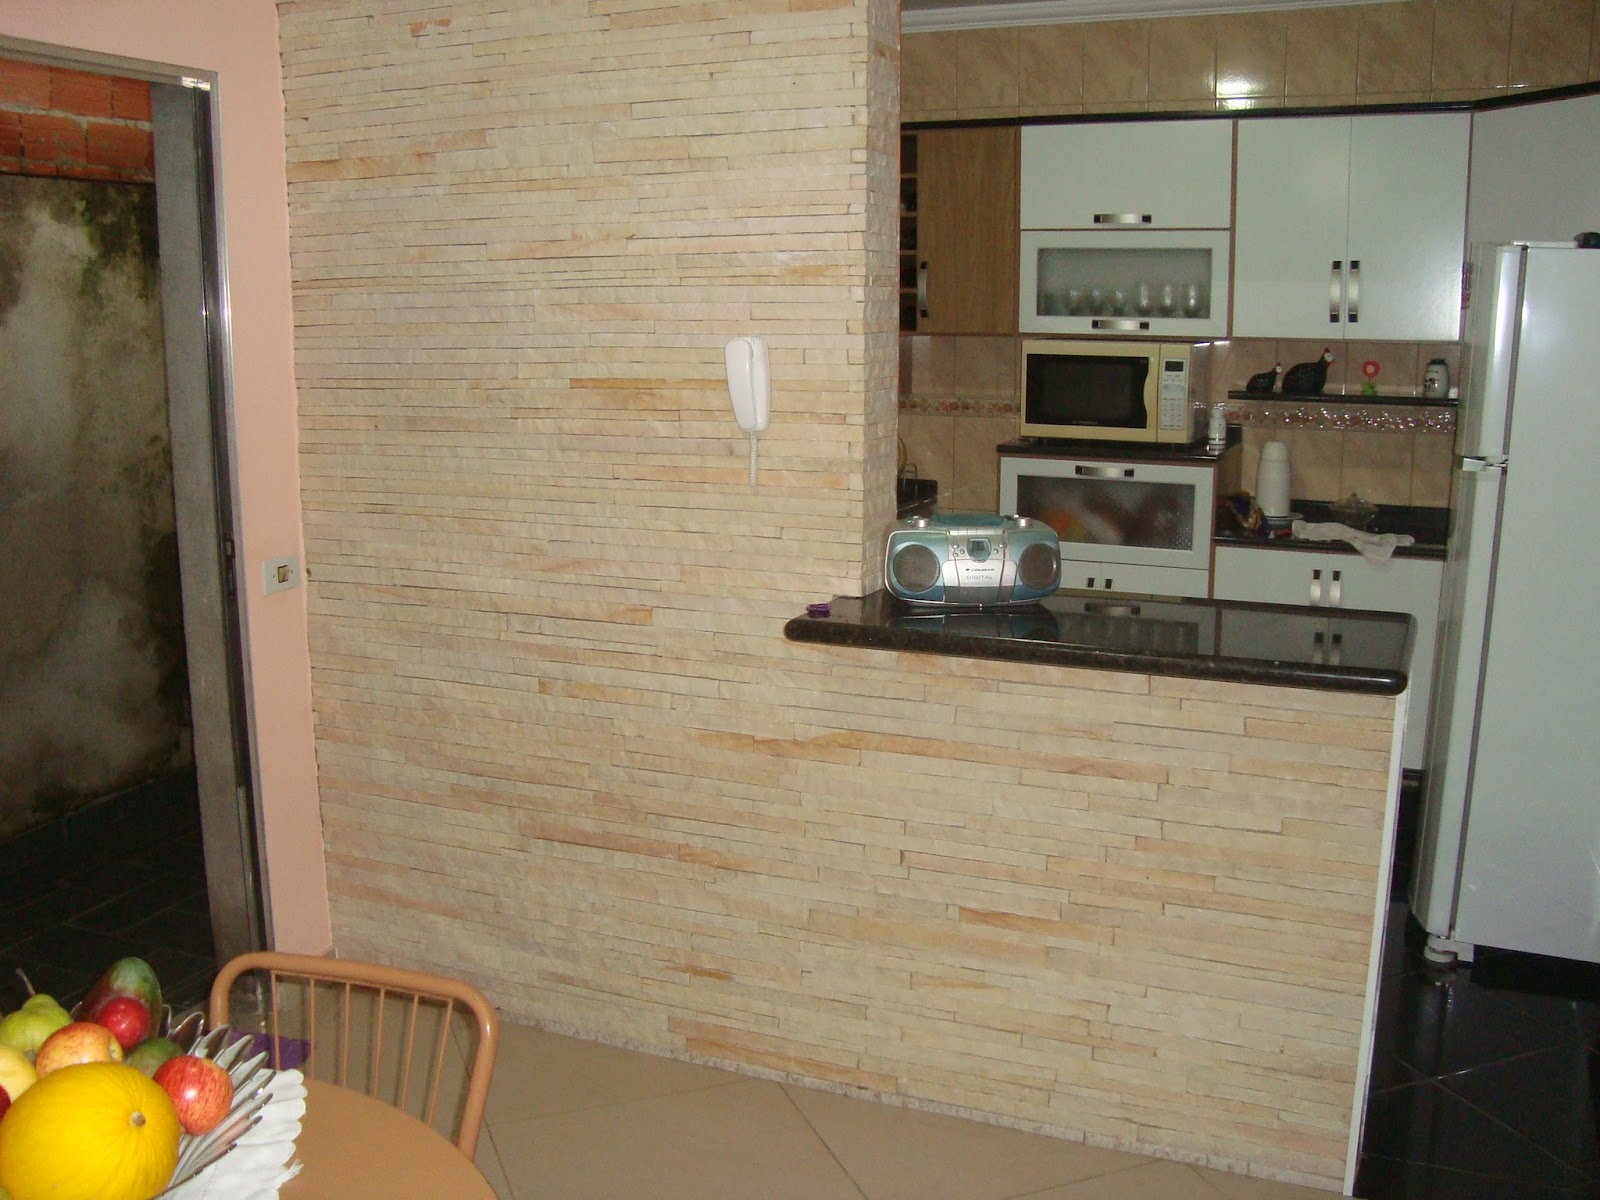 #C7A204 PEDRAS ARTES: Cozinha Americana filete 1600x1200 px Balcão Para Cozinha Americana De Marmore_2163 Imagens